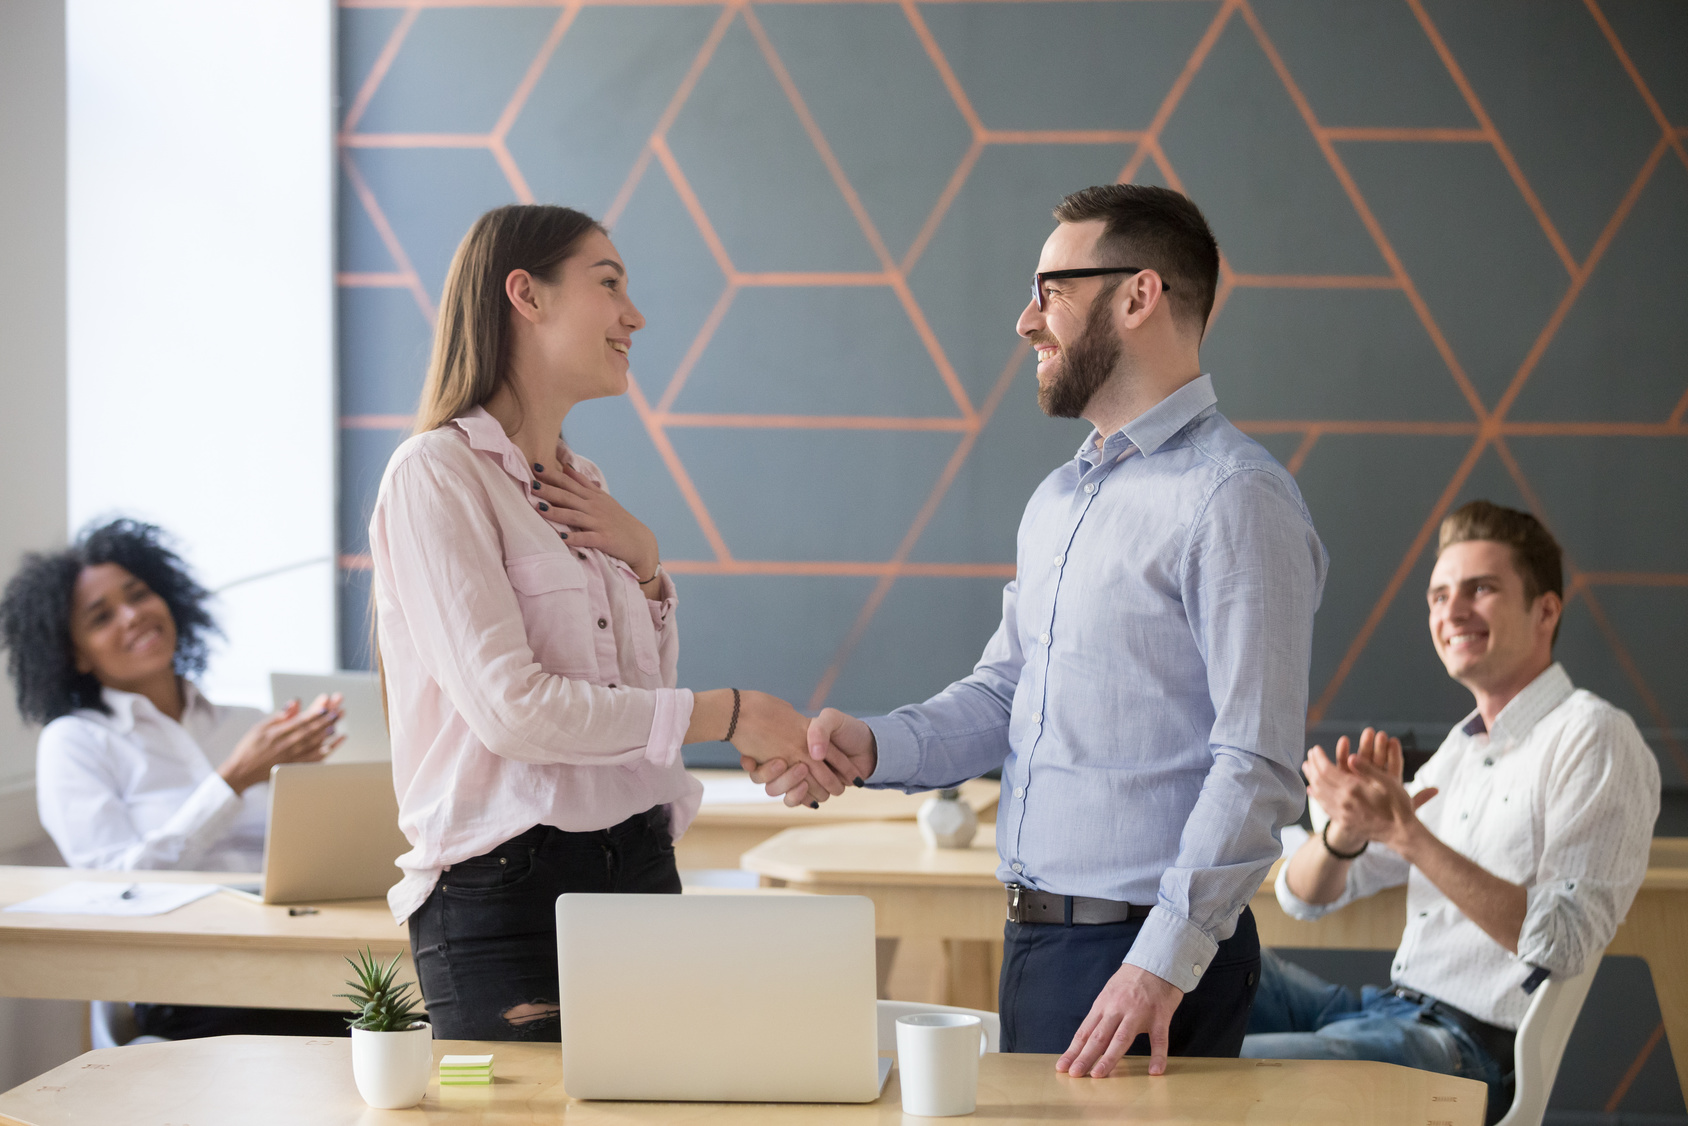 psychische Belastung am Arbeitsplatz durch Mitarbeitergespräche vorbeugen